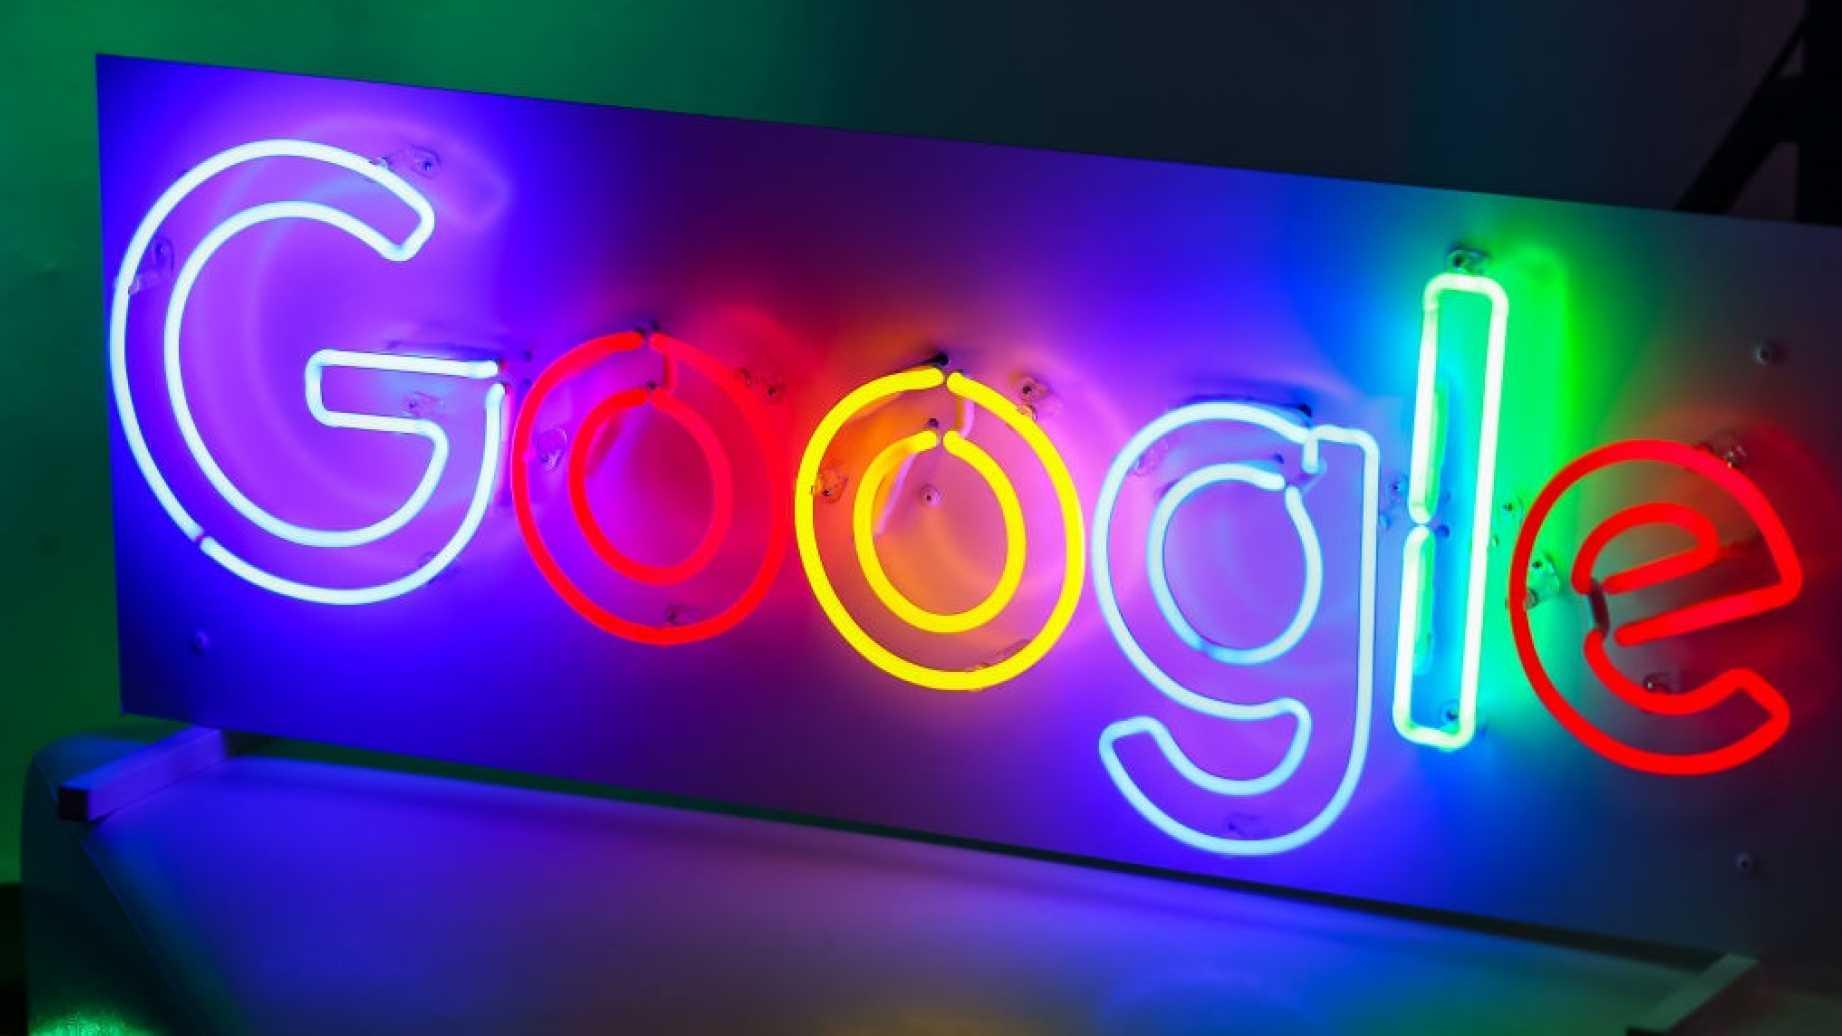 Франція оштрафувала Google на 220 мільйонів за зловживання